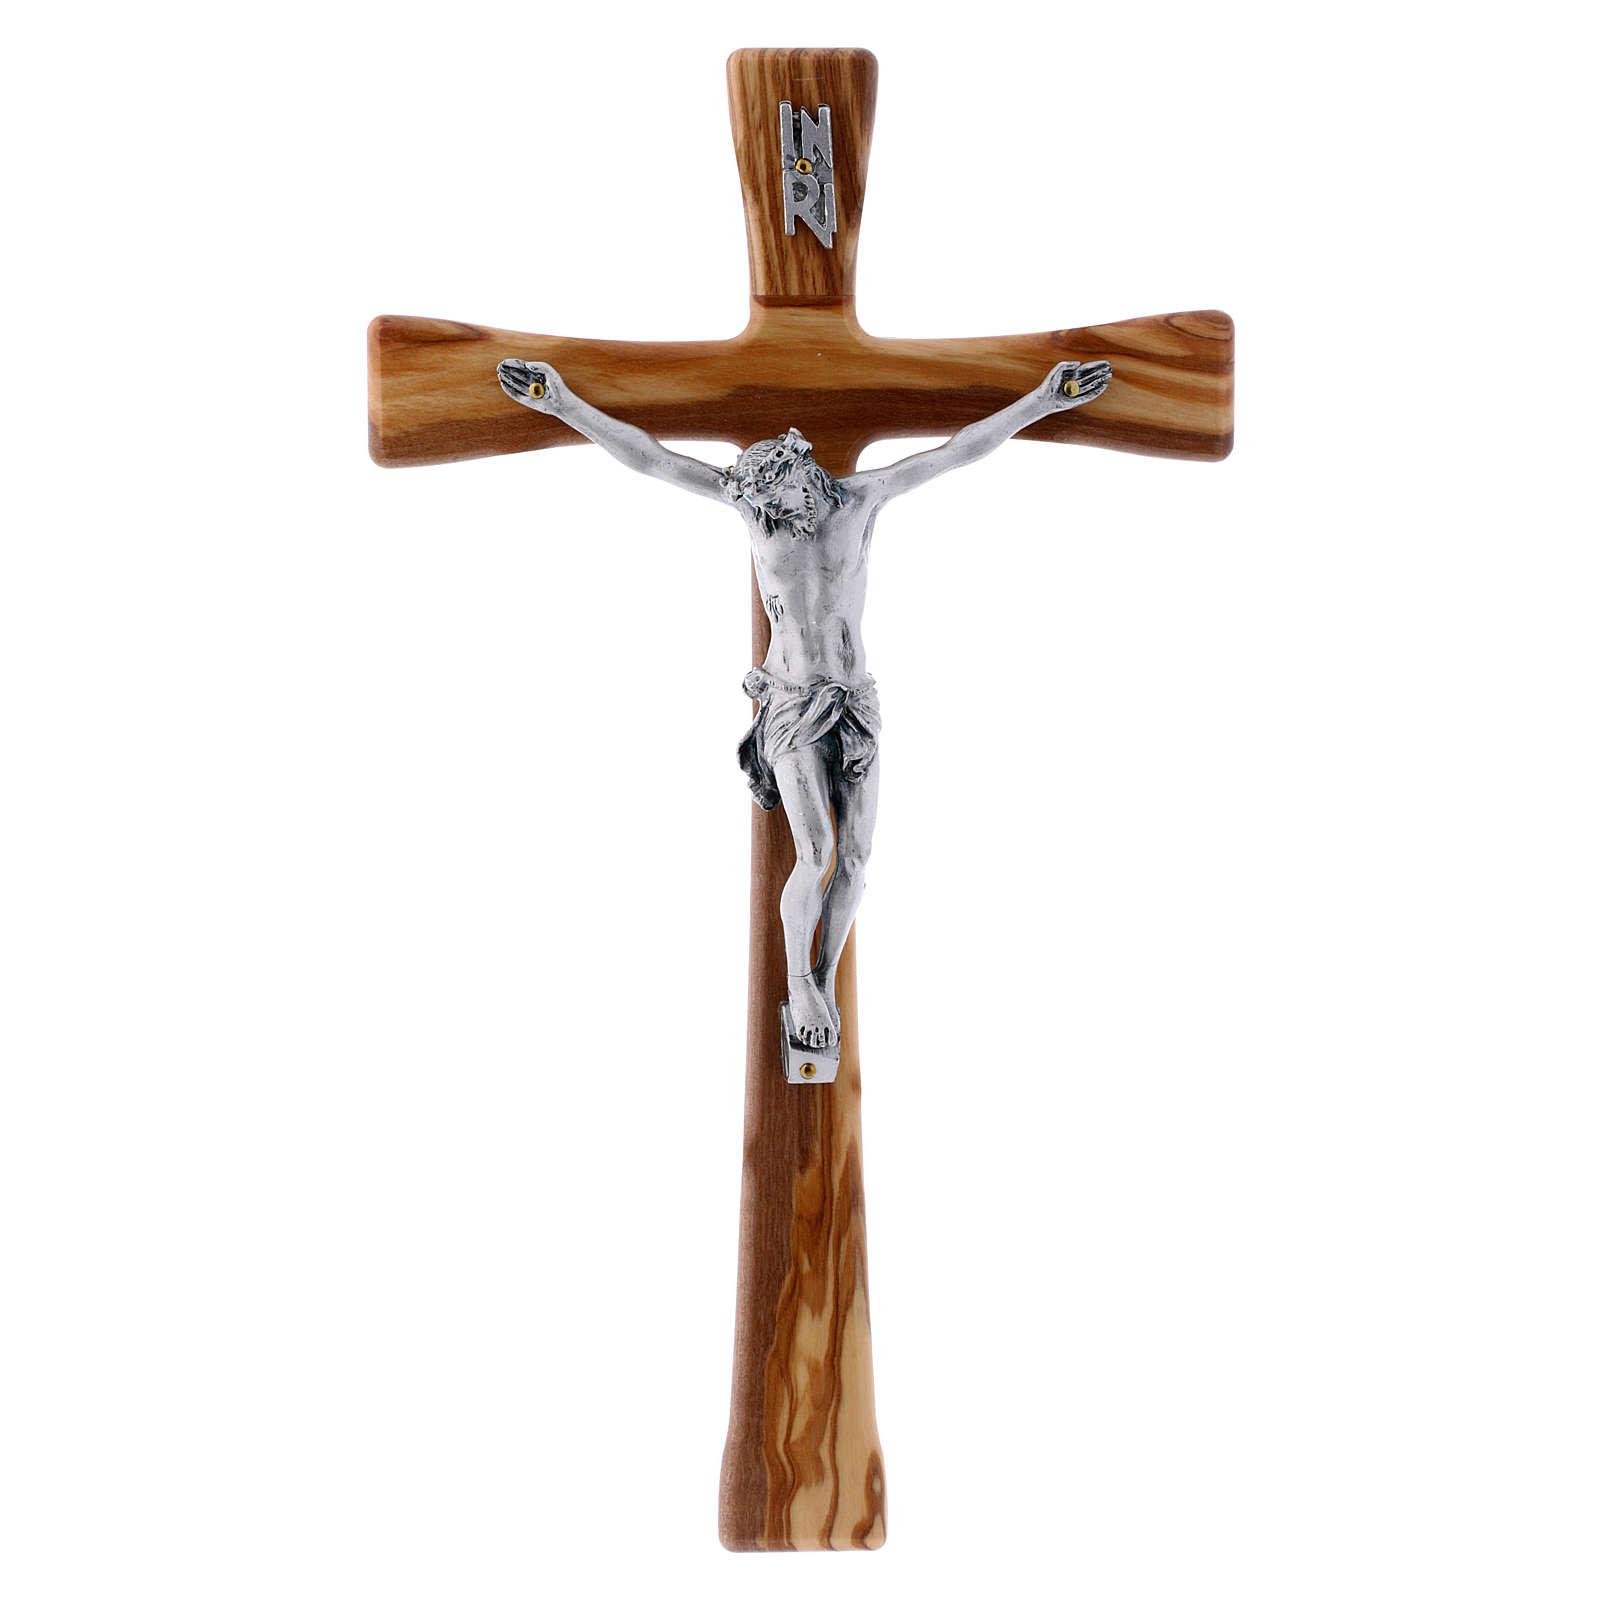 Crocifisso in legno di ulivo moderno 25 cm con corpo argentato 12 cm 4